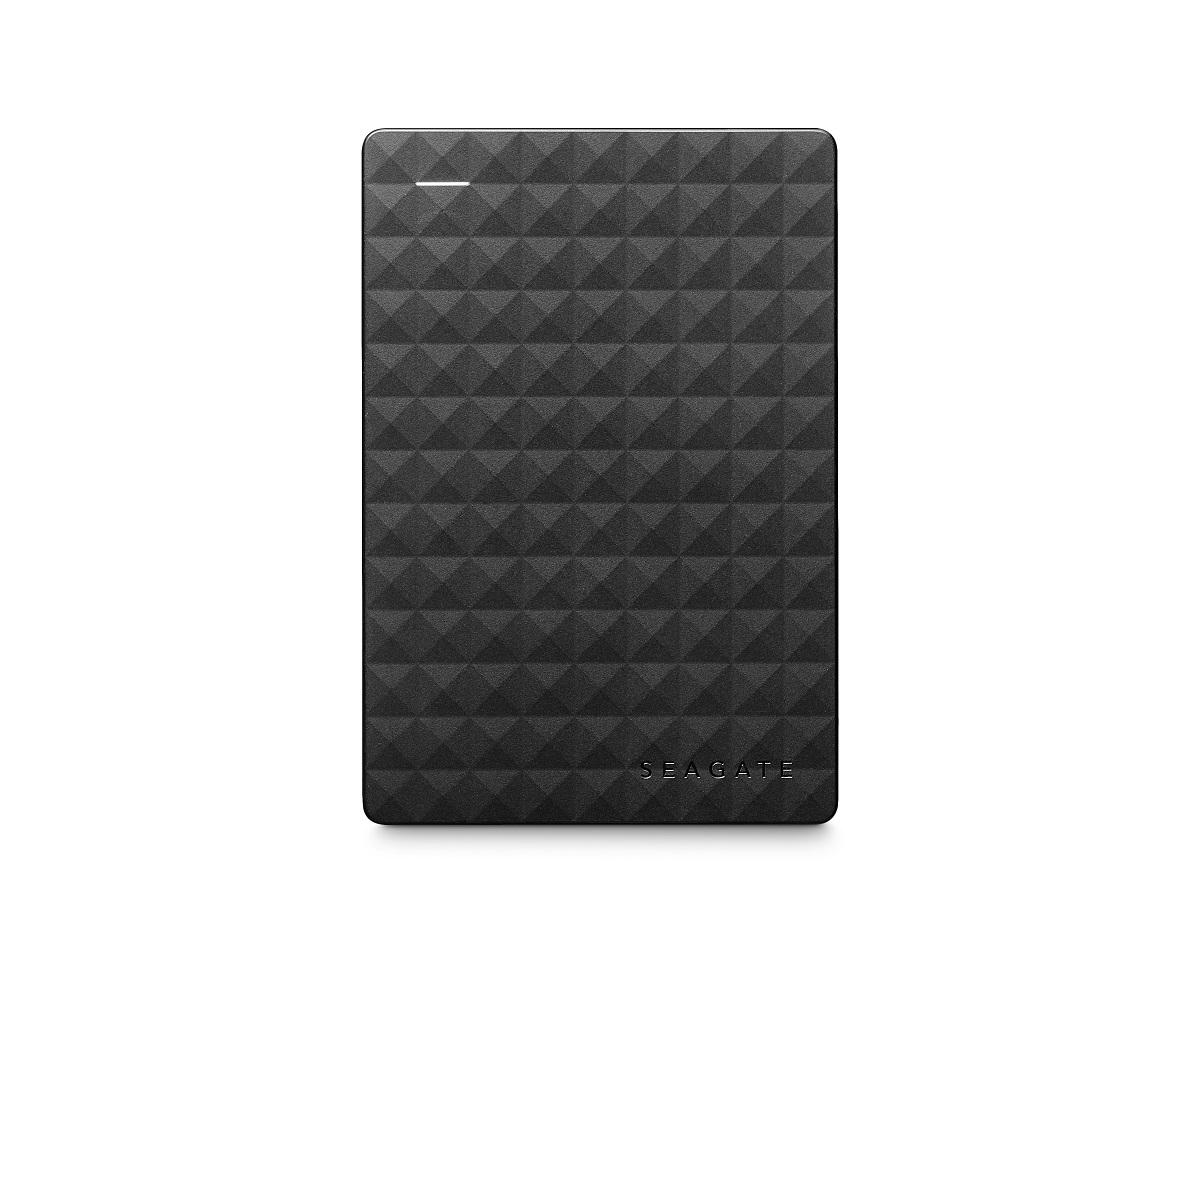 씨게이트 포터블 드라이브 익스팬션 USB 3.0 라이트웨이트 휴대용 외장하드, Black, 2TB